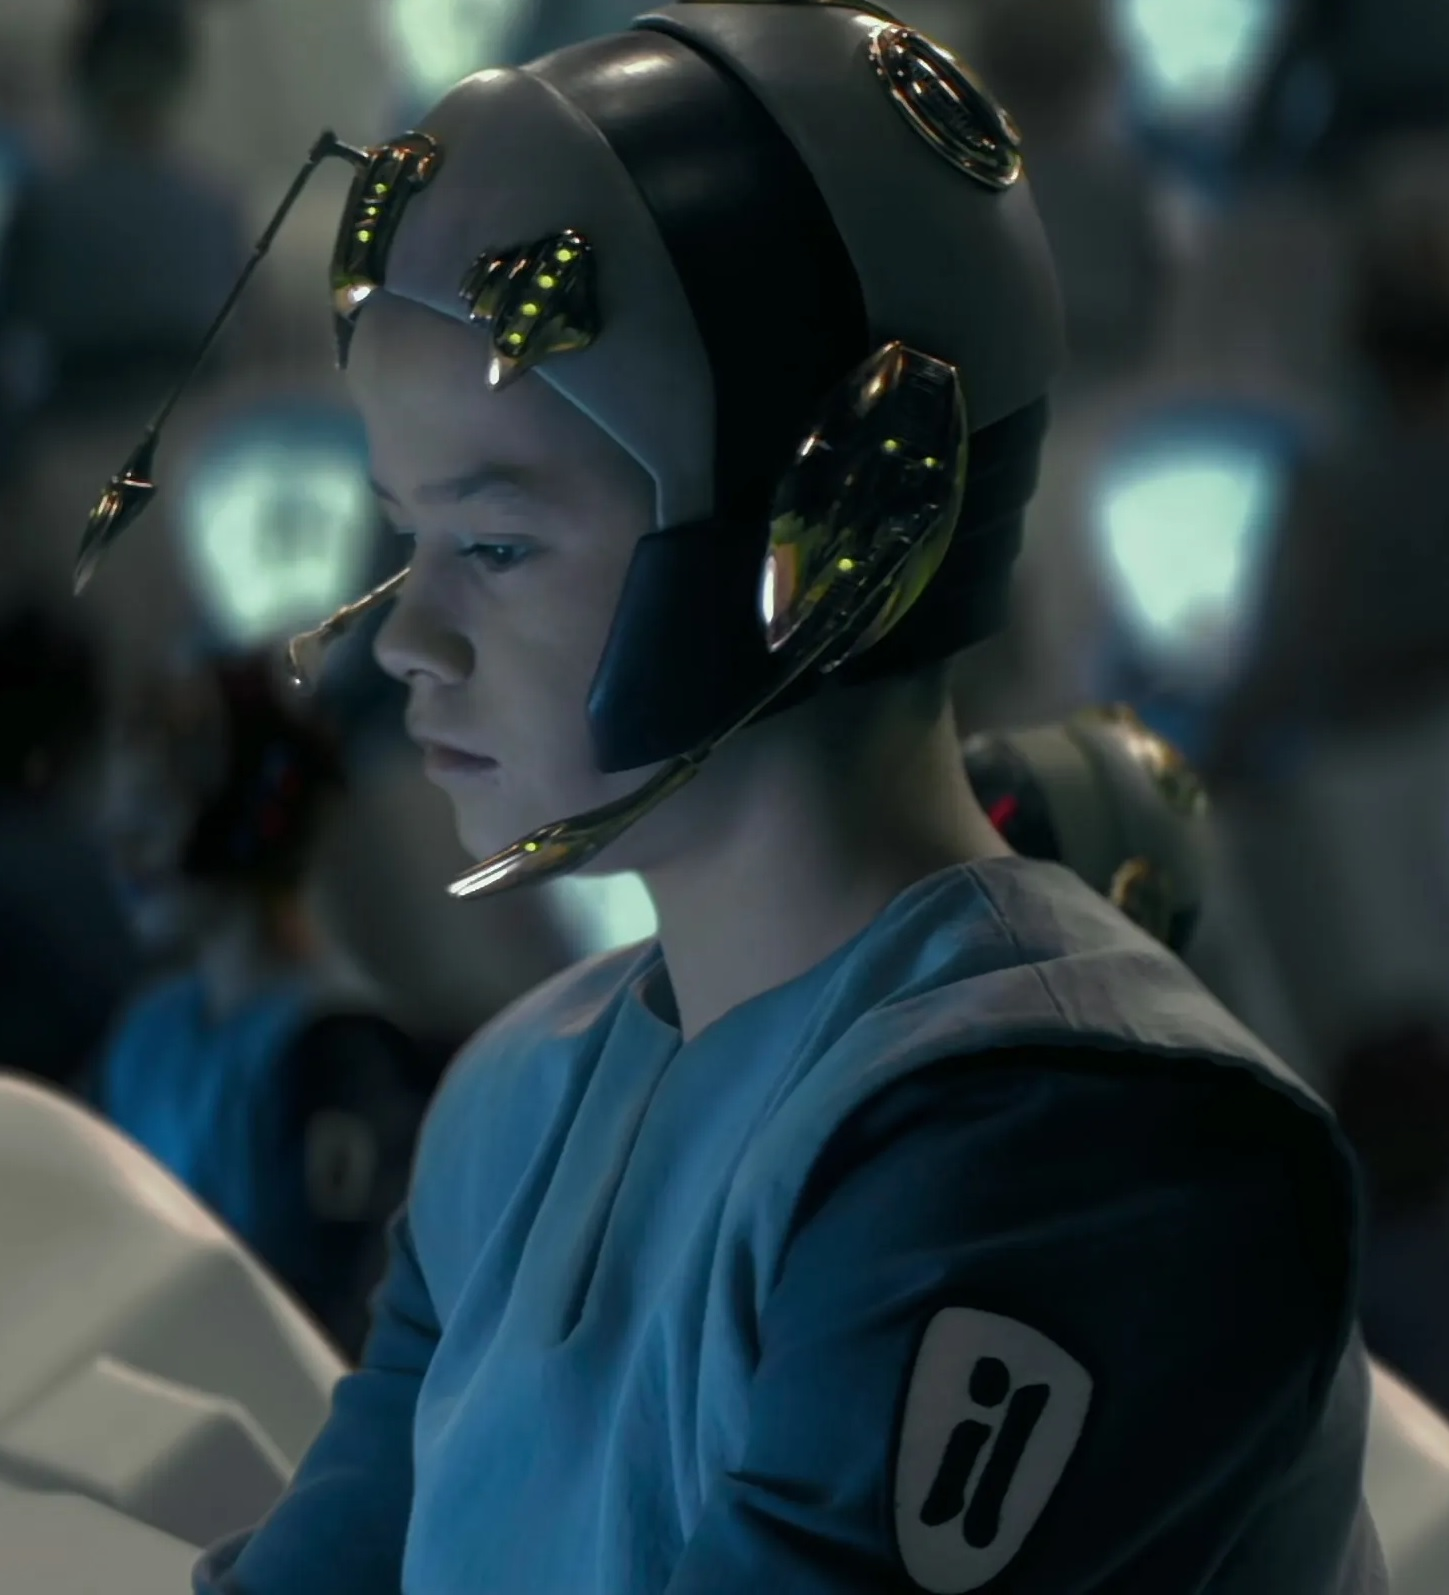 File:Daniel Logan as Clone Trooper.jpg